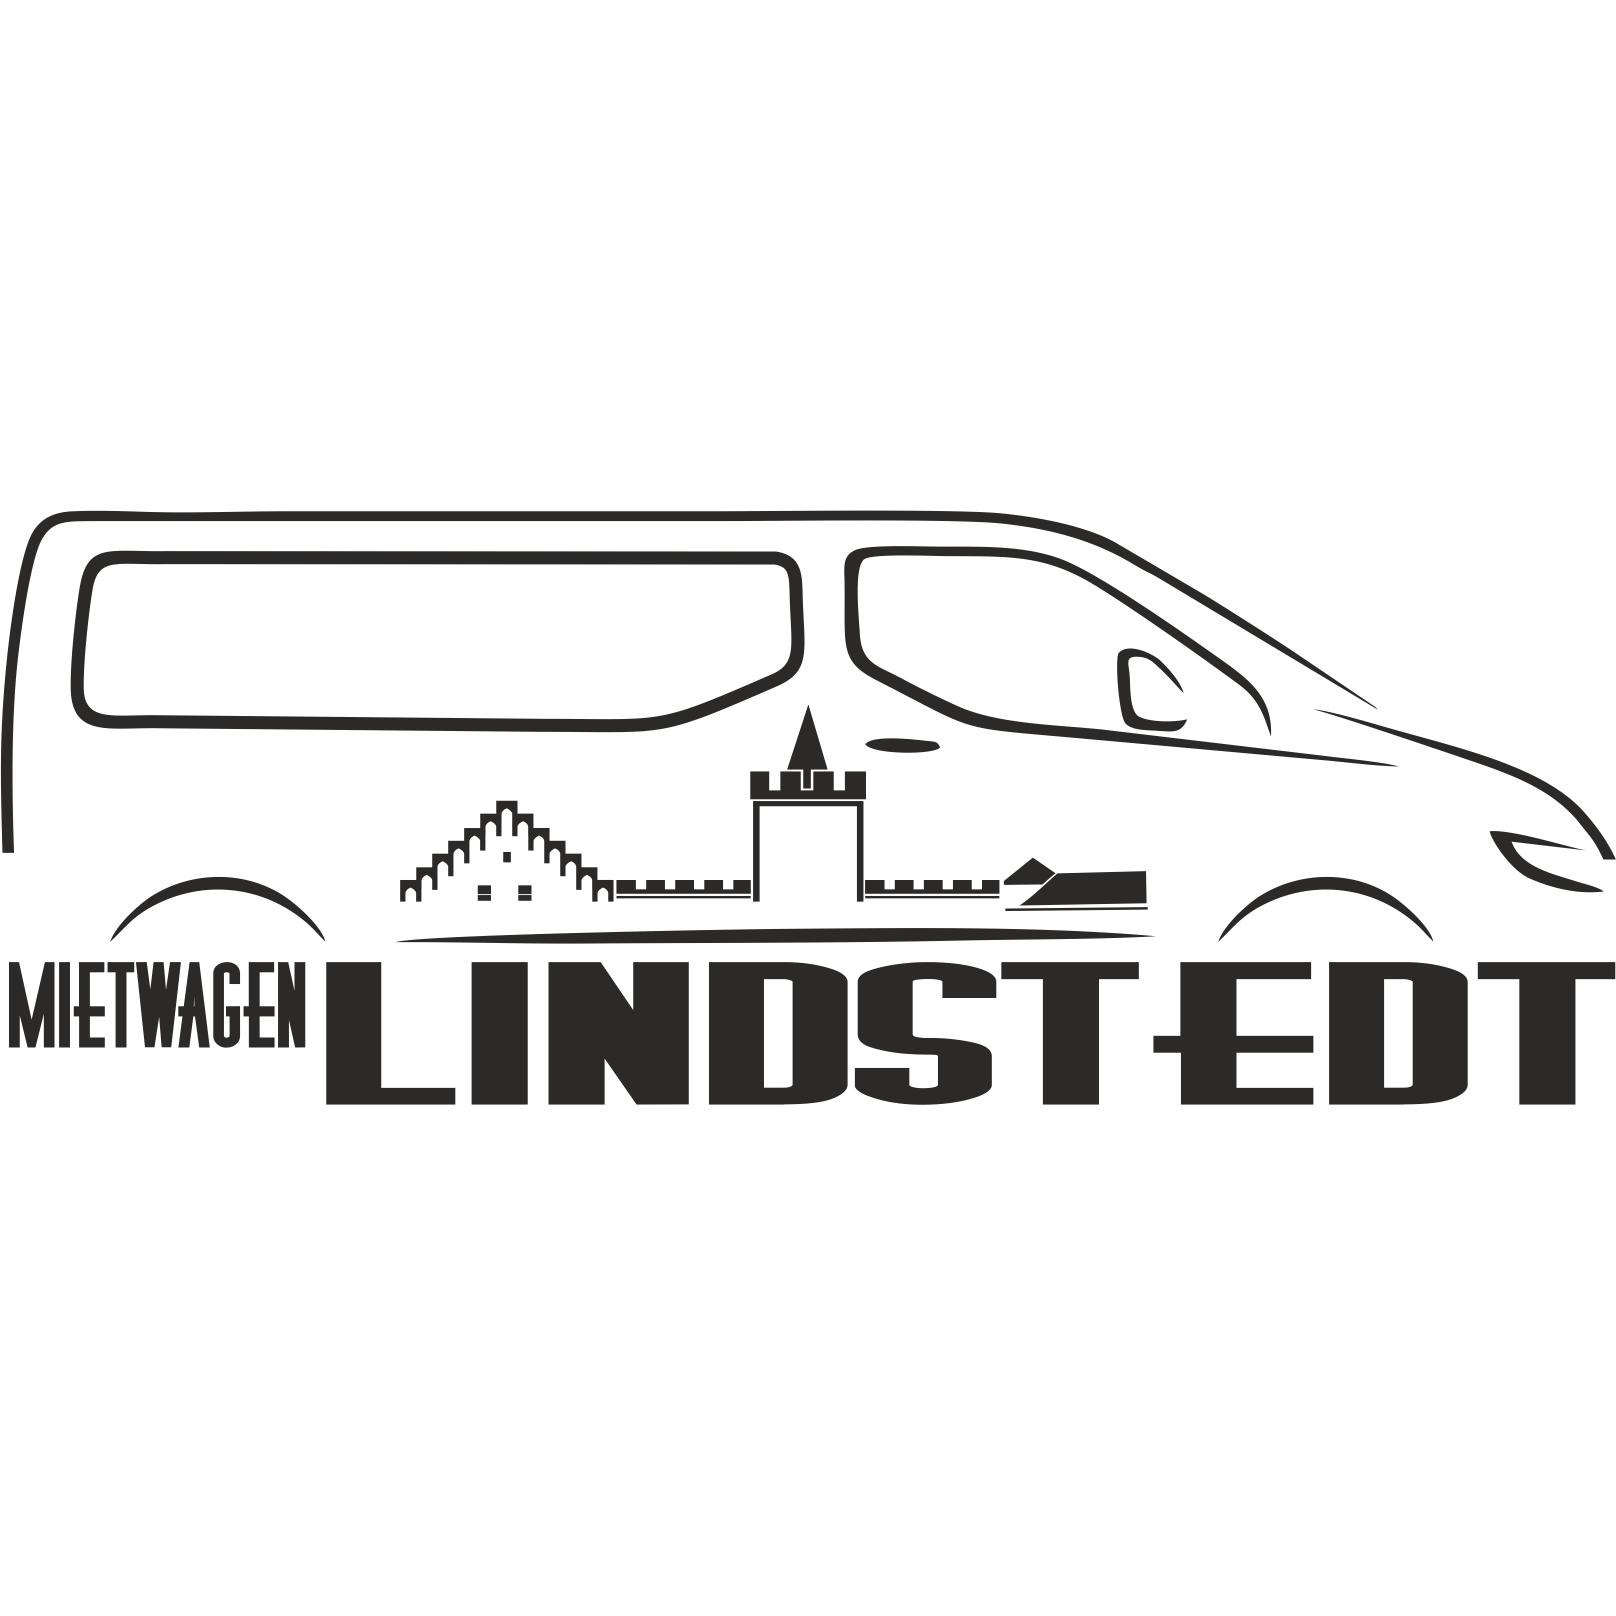 Mietwagen Lindstedt